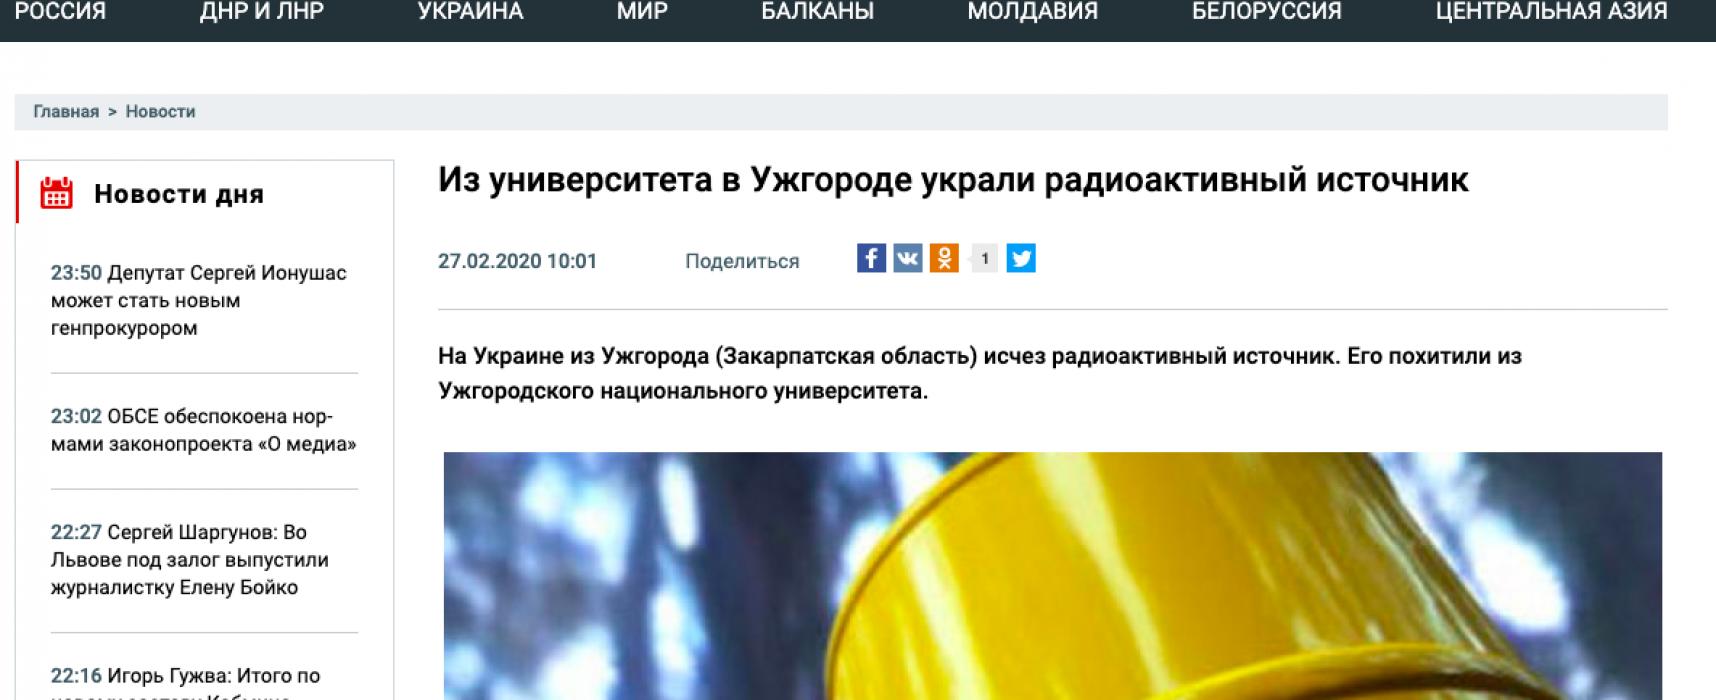 Фейк: В Ужгороді «зникло» радіоактивне джерело, ЄС у небезпеці